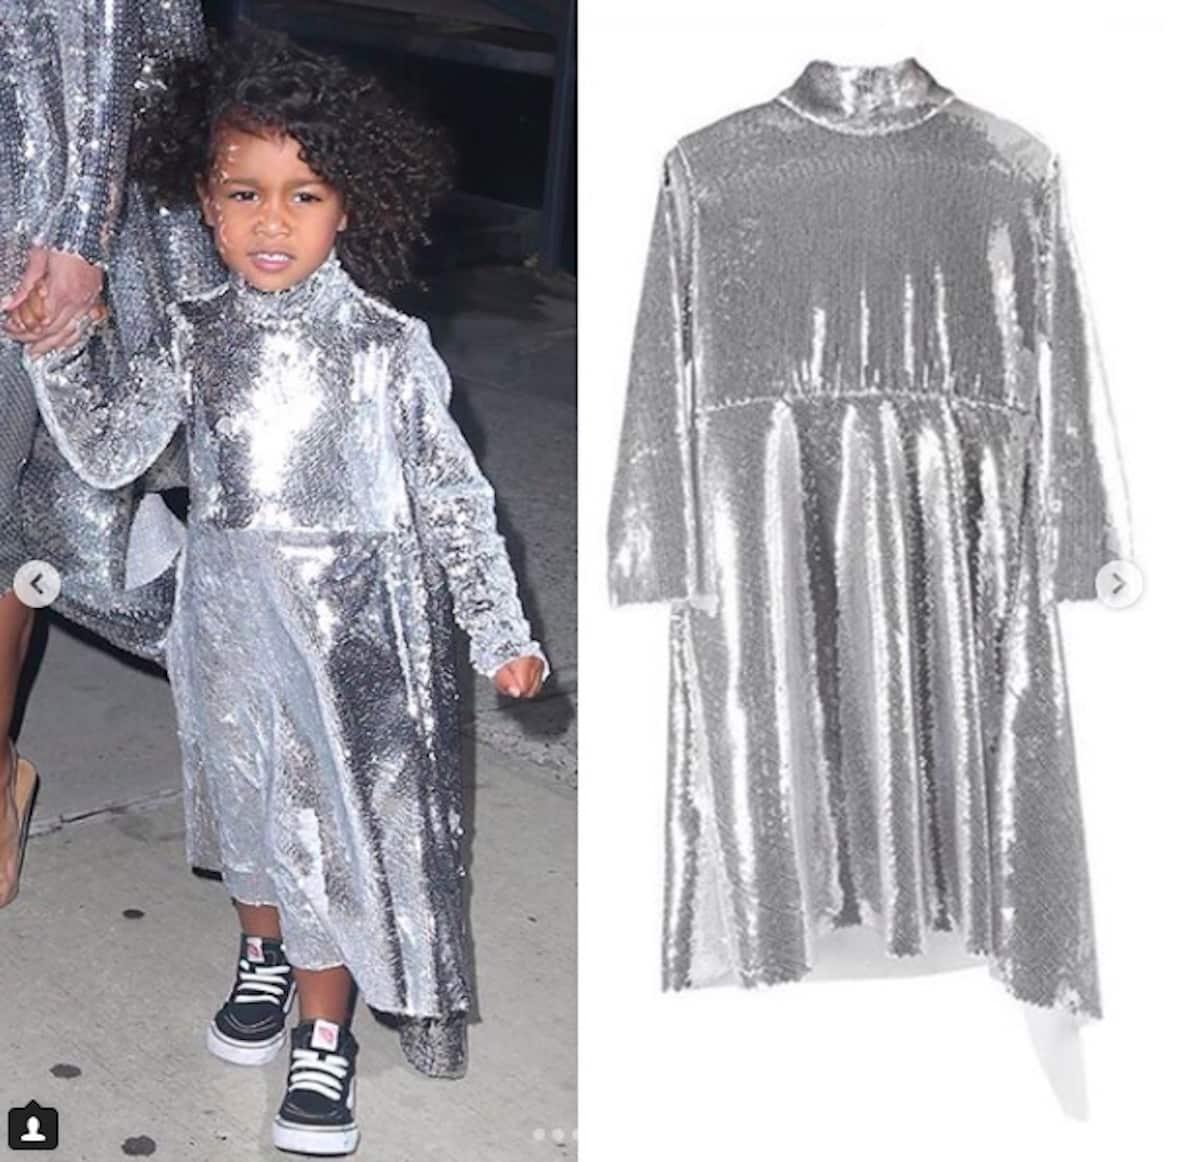 kim kardashian ripping off designer